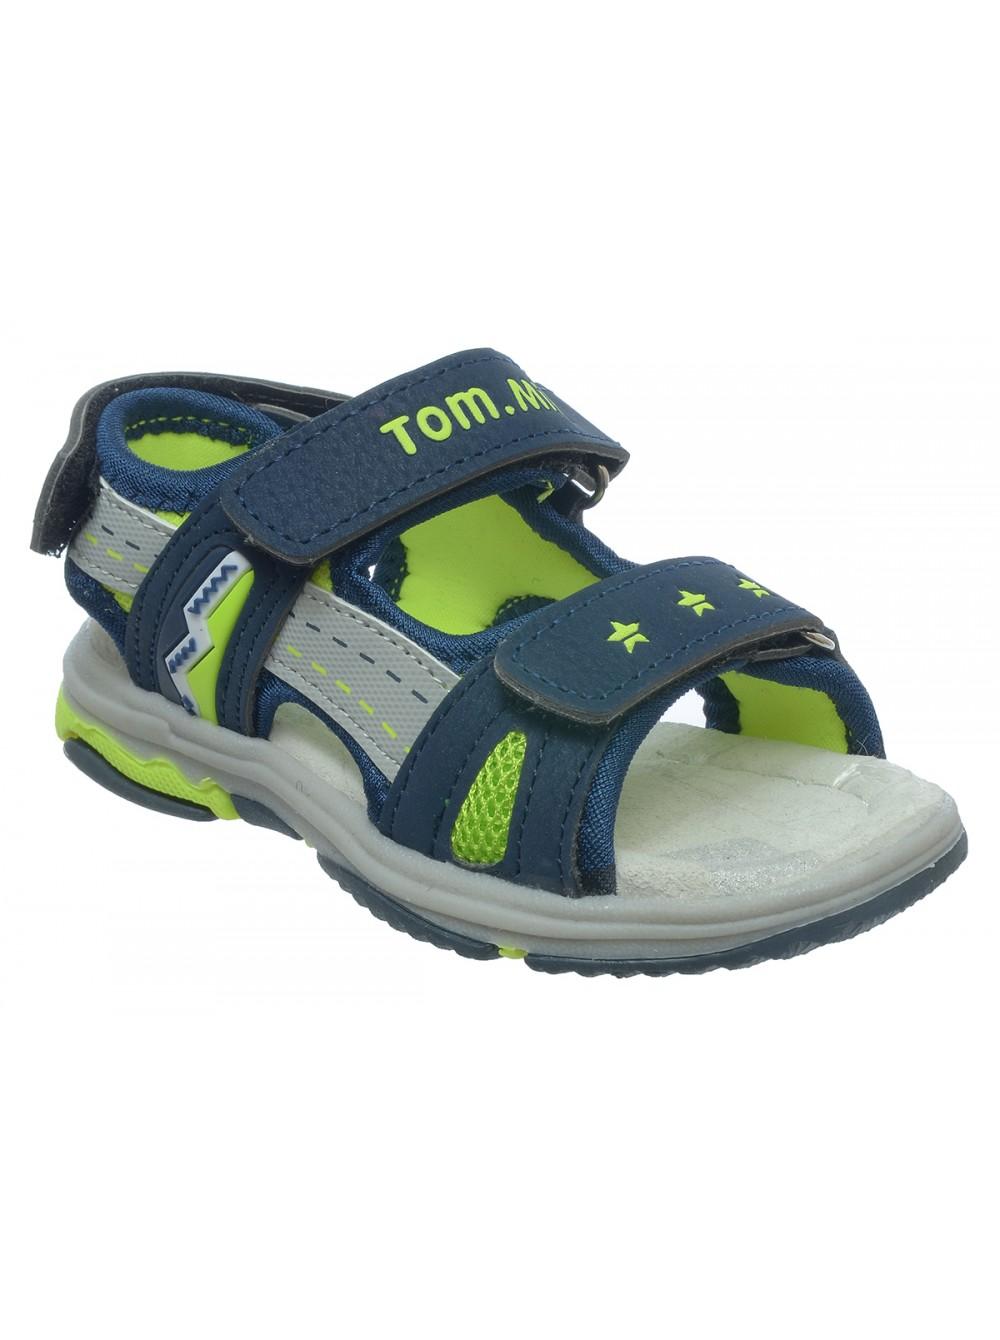 Сандалии Tom&Miki B-5573 синий/зеленый (21-26)